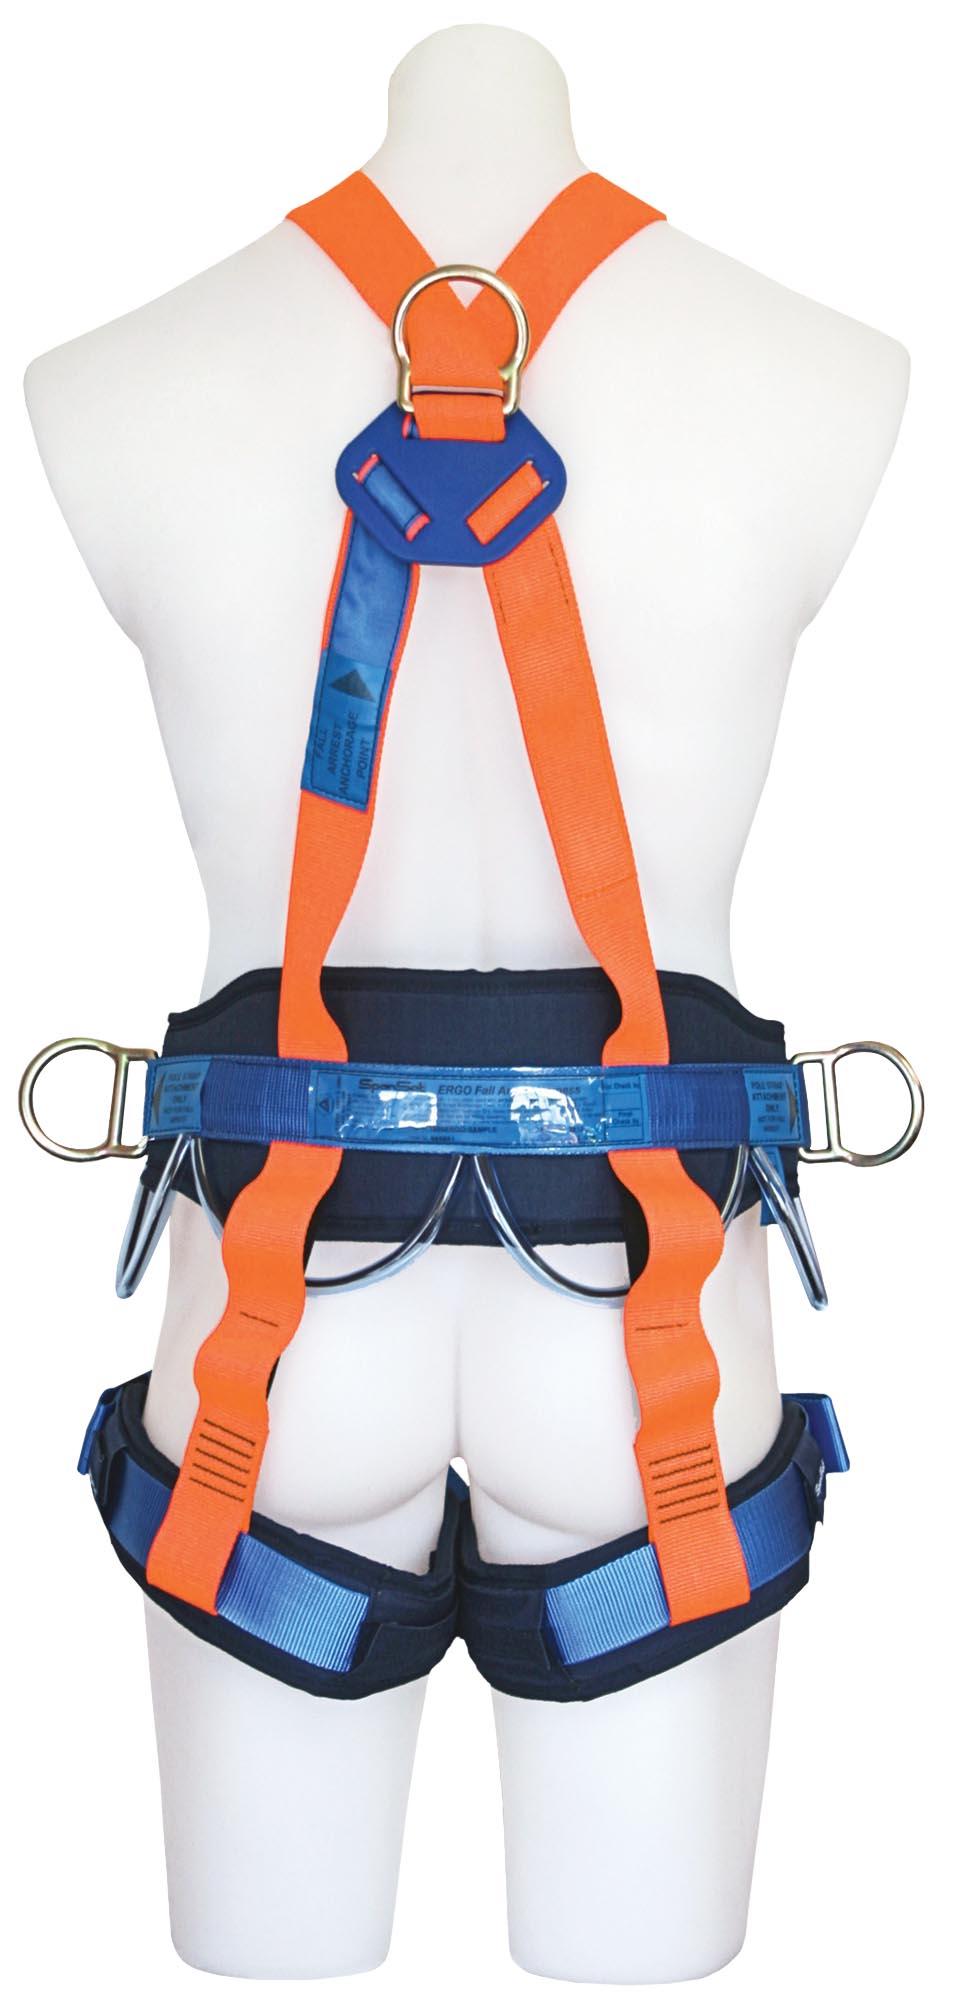 1800 Ergo Full Body Harness Get Set Training Get Set